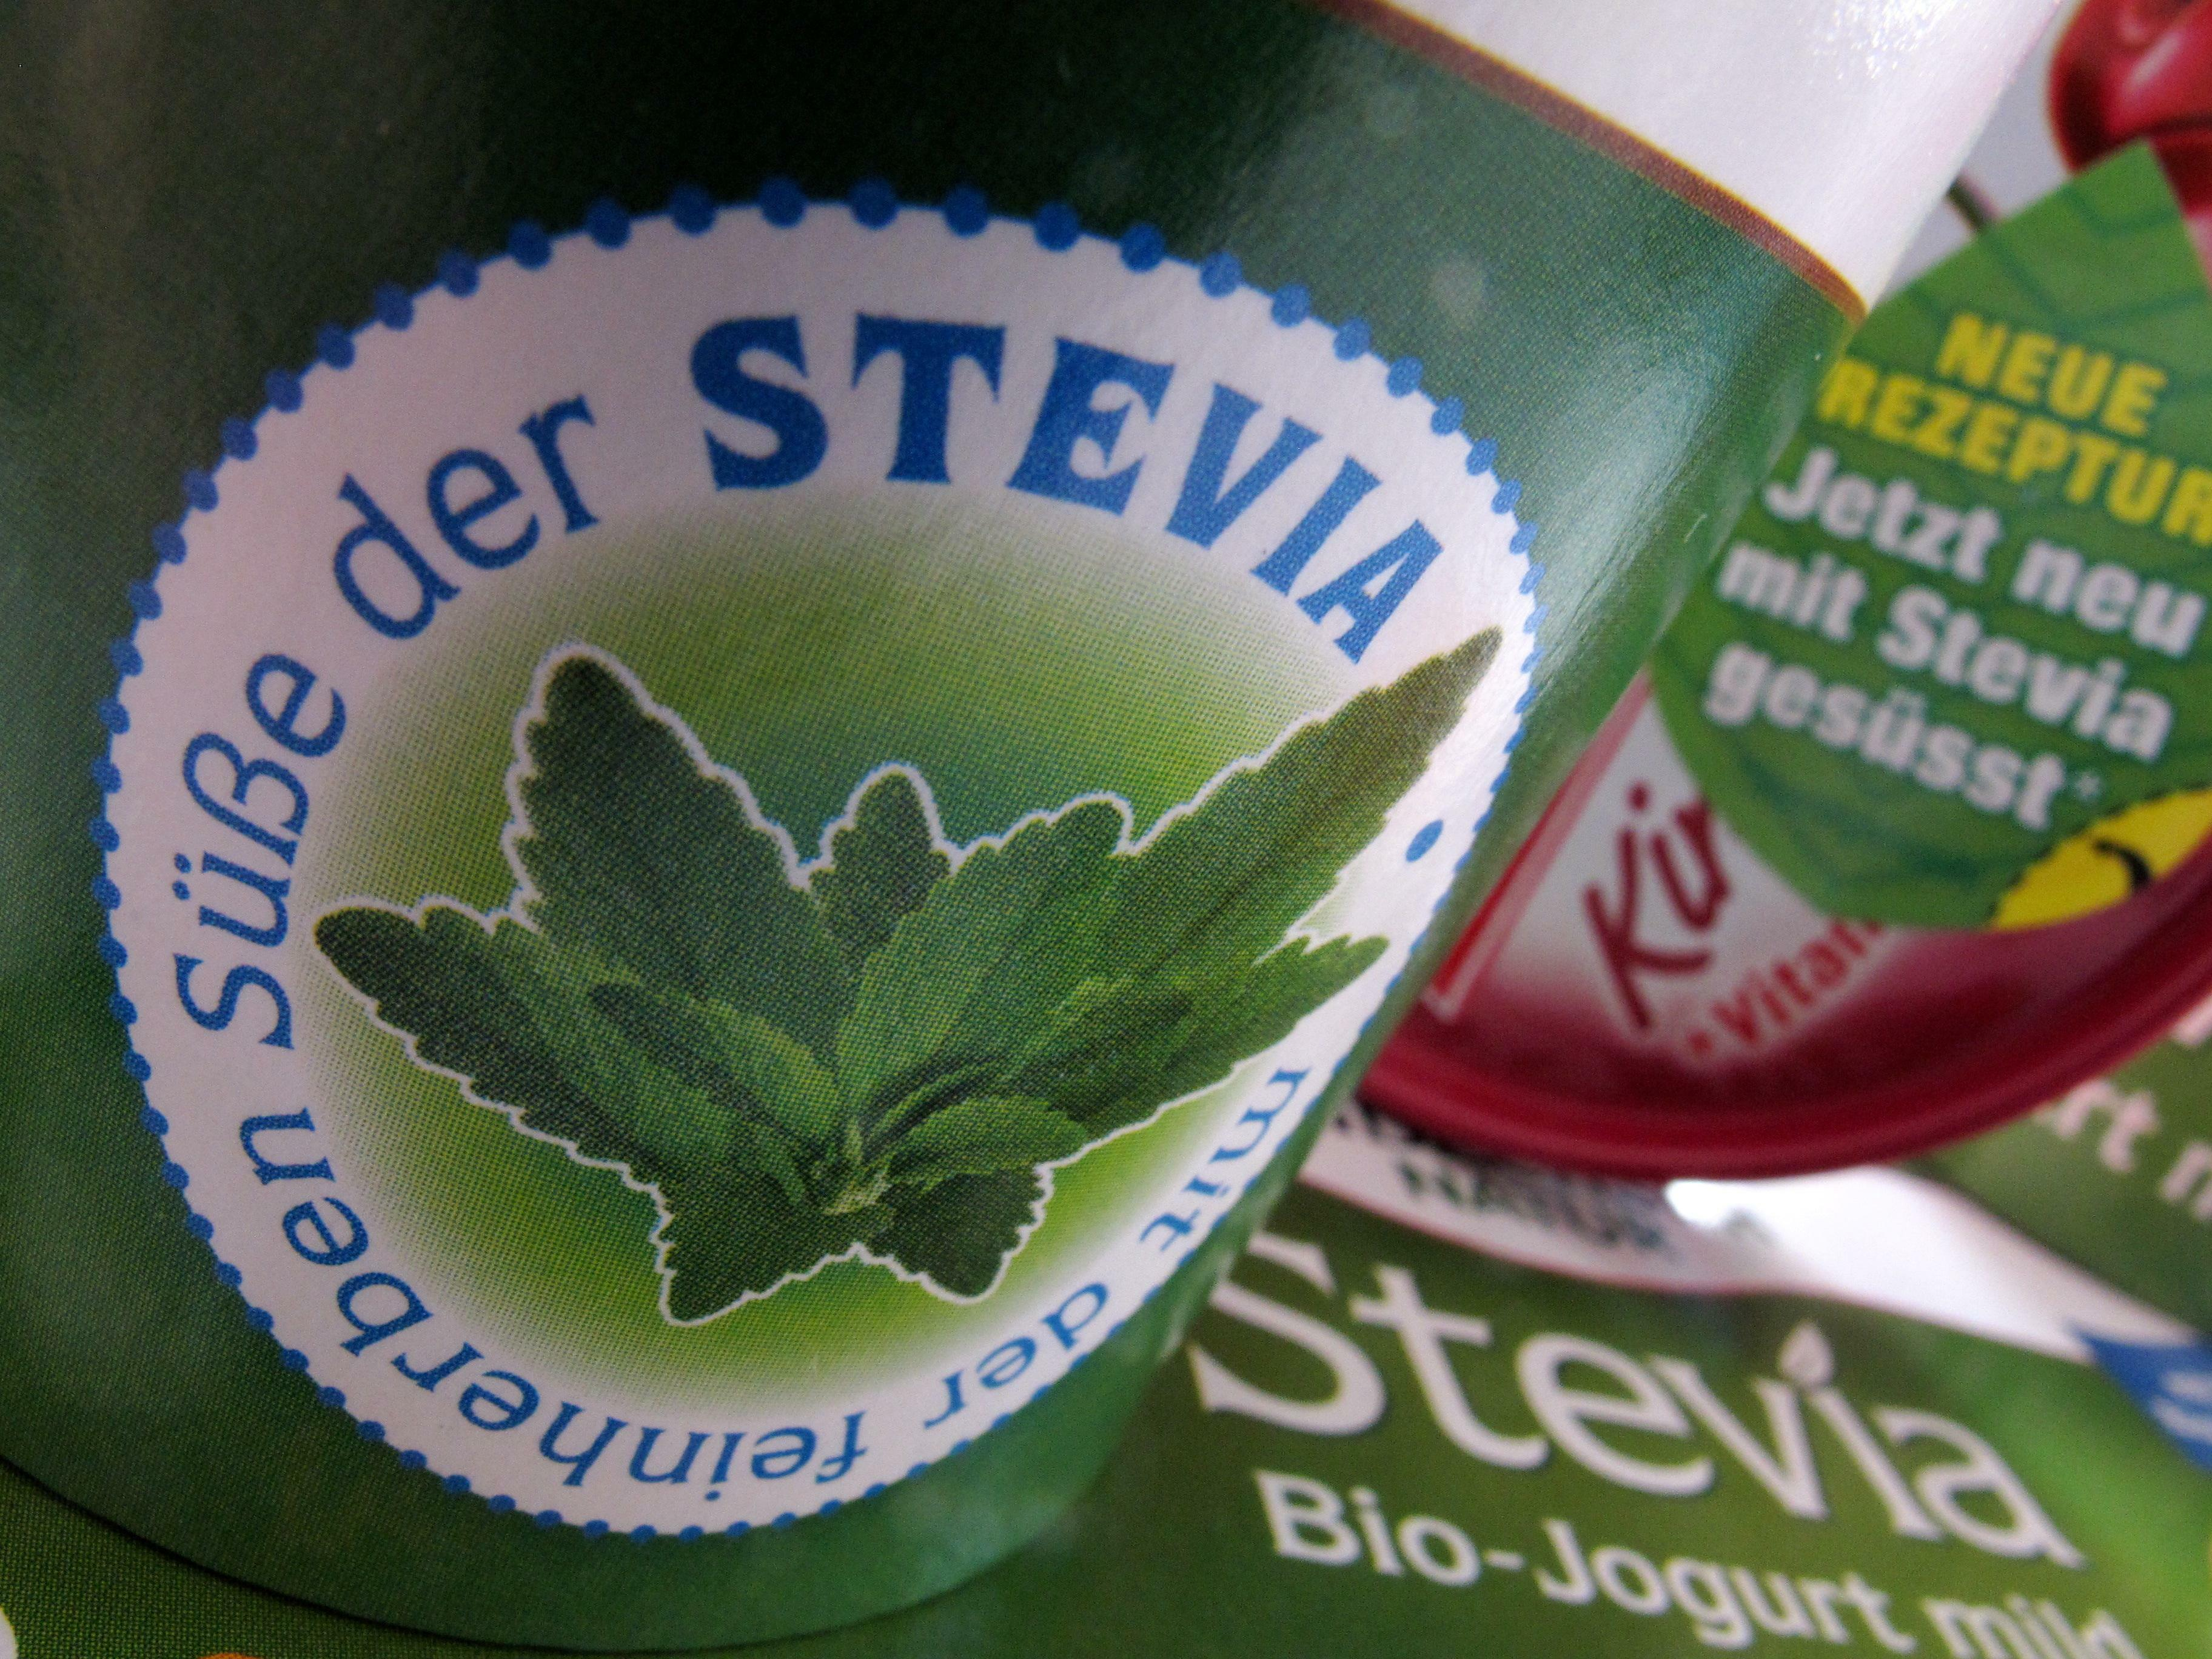 Top Süßstoff Stevia: Der Siegeszug der Zucker-Alternative #DB_71